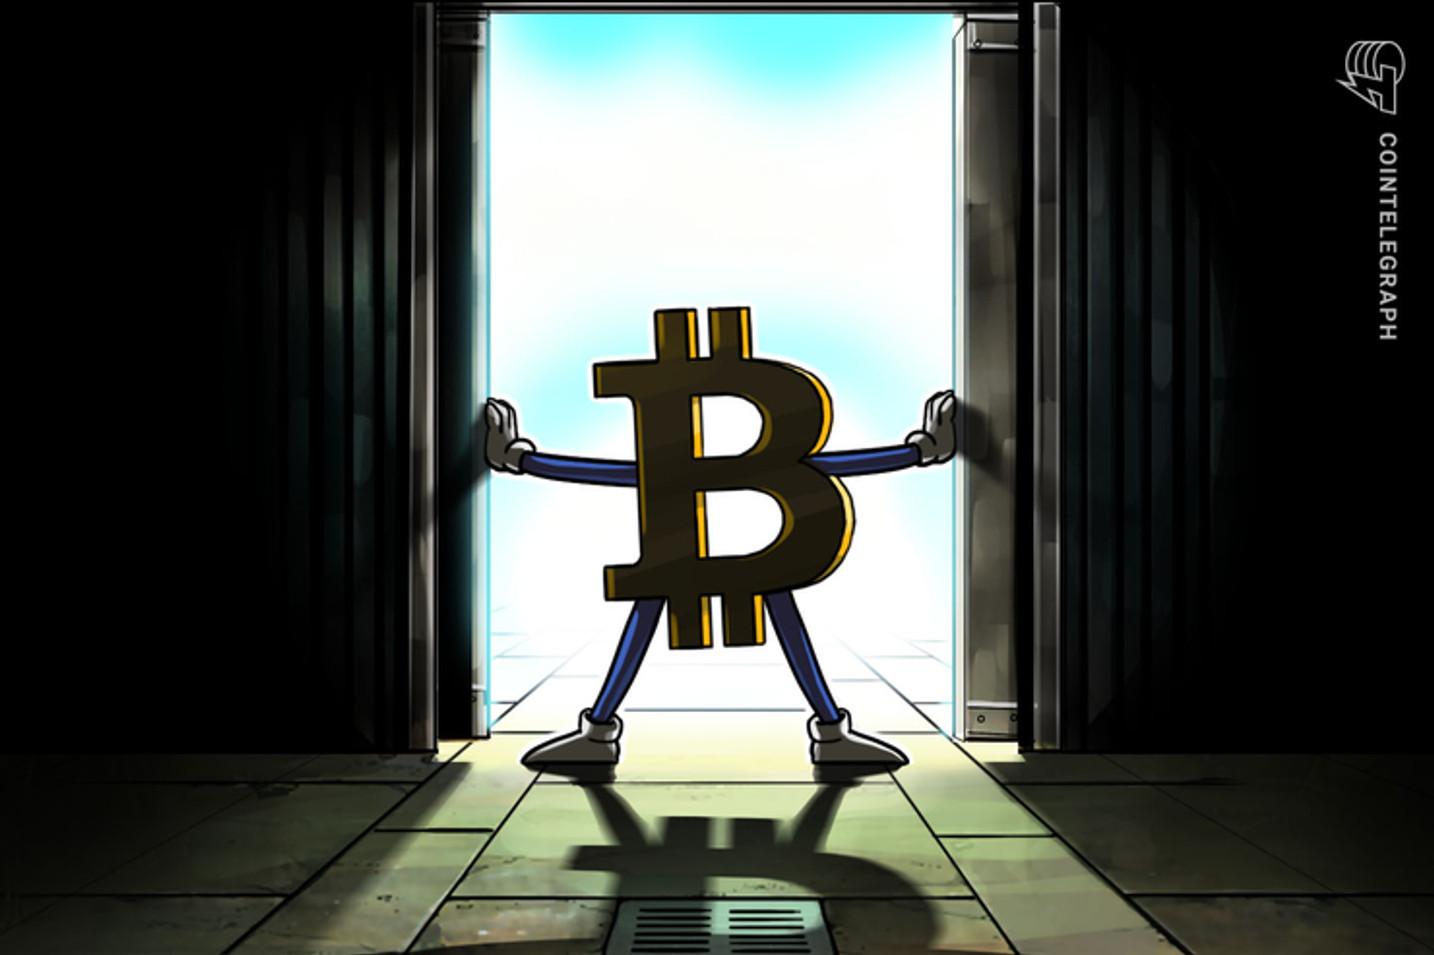 Cerca de 10.7 millones de Bitcoins están 'detenidos' esperando a que se produzca la apreciación por el halving